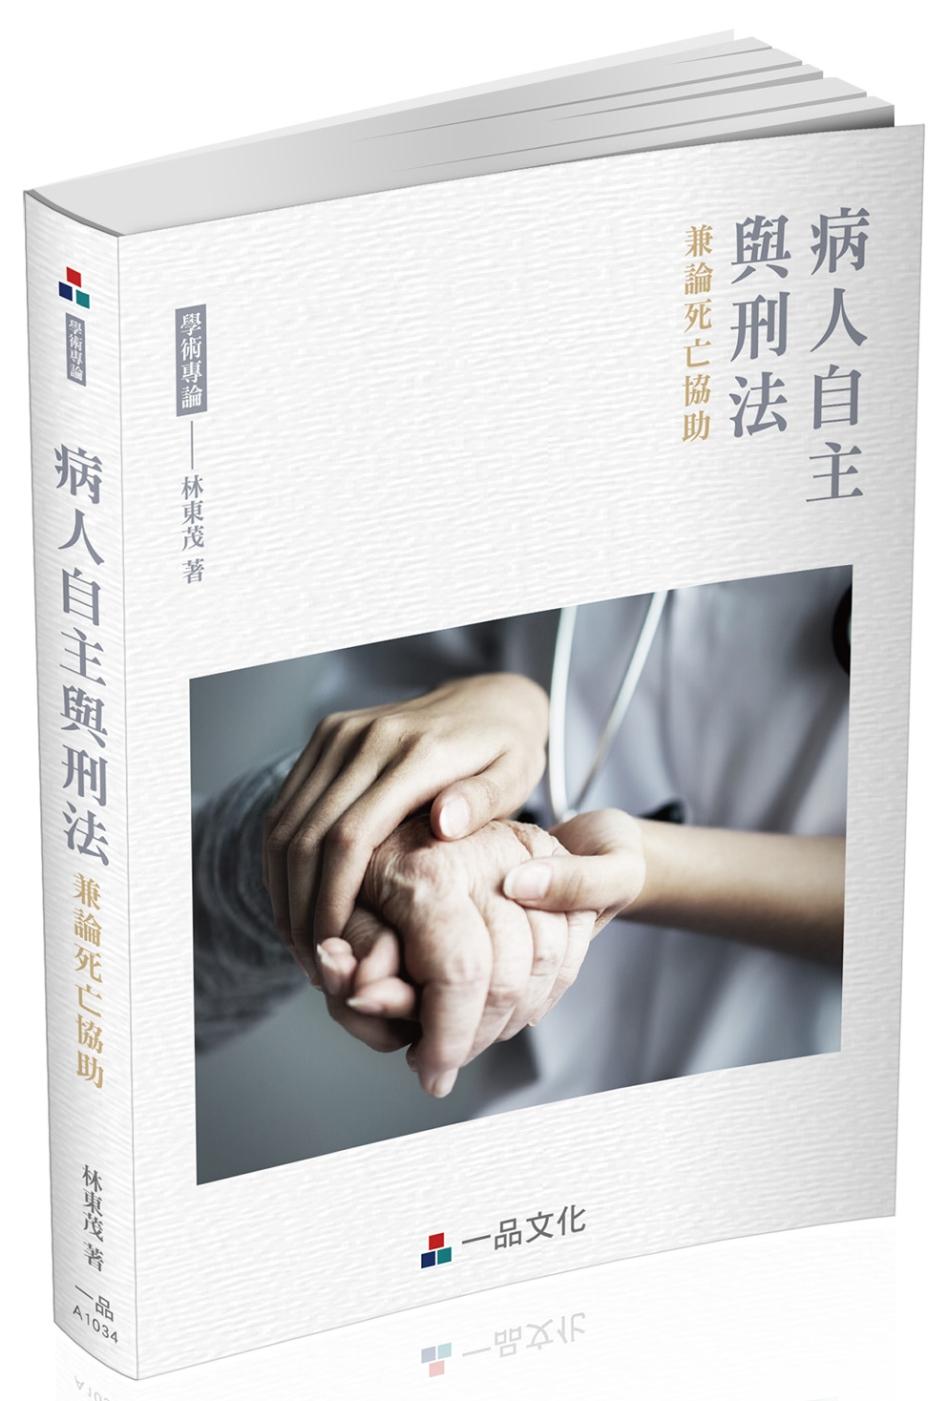 病人自主與刑法 兼論死亡協助 學術專論系列(經銷書)(一品)